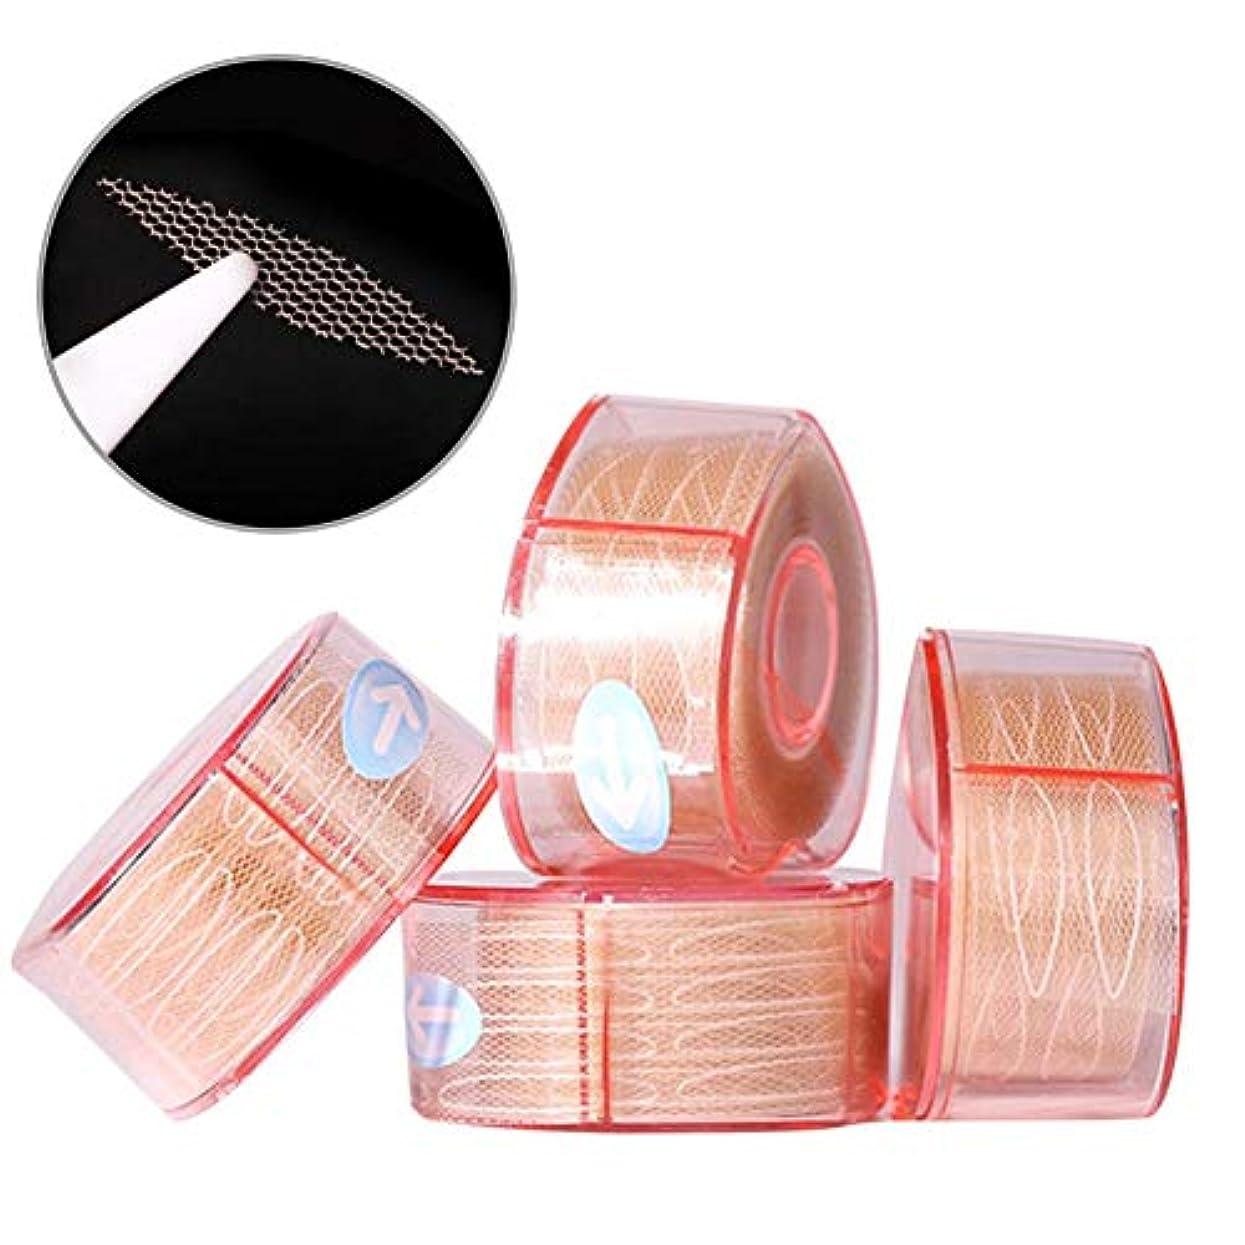 画家ゆりかごスポンサーナチュラルアイテープ 二重まぶたステッカー 二重まぶたテープ 300組セット メッシュ 見えない バレない 通気性 アイメイク 4タイプ選べる junexi